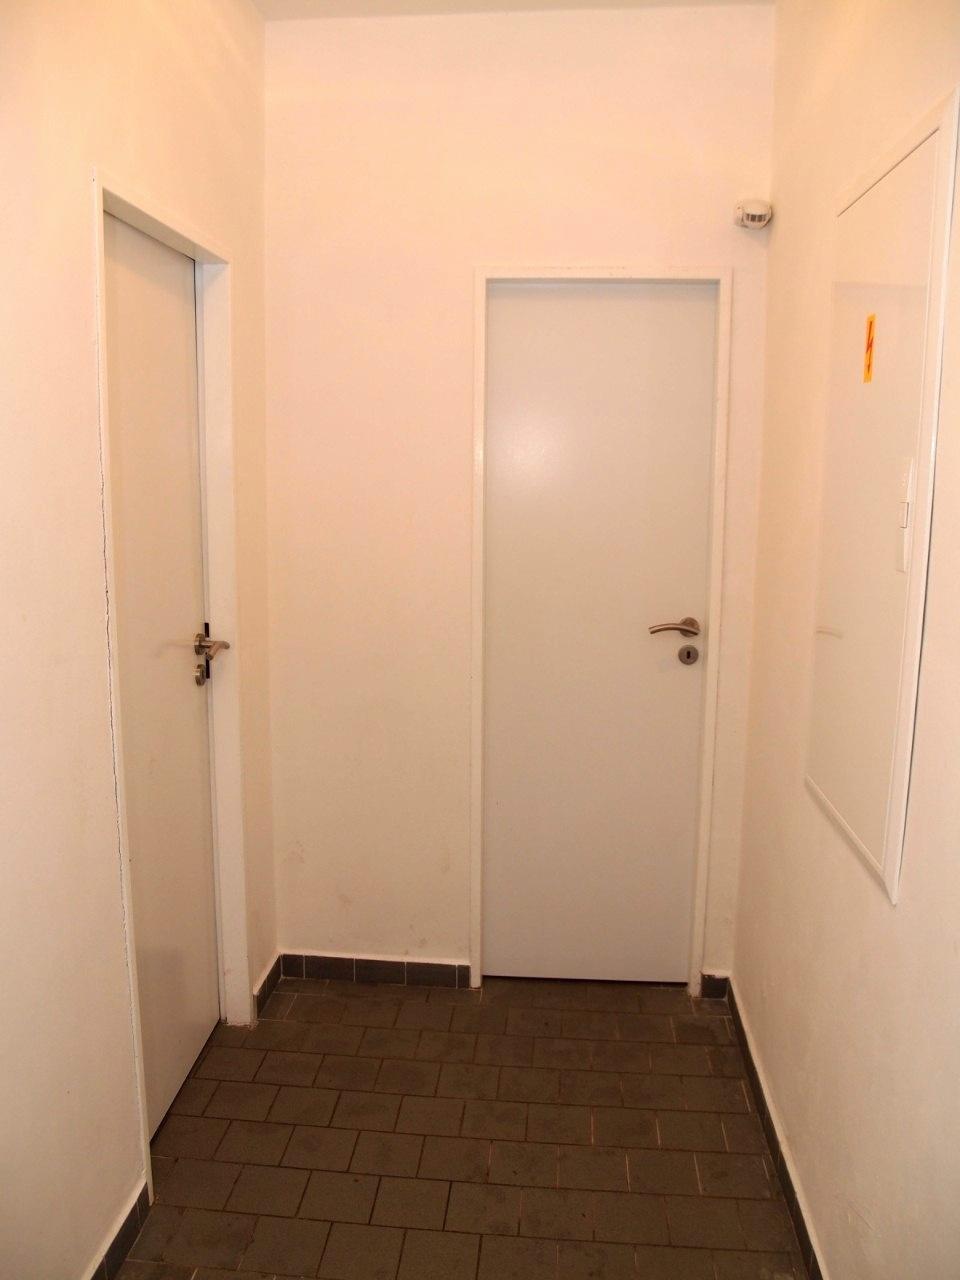 Chodba ke koupelnám a úklidové místnosti